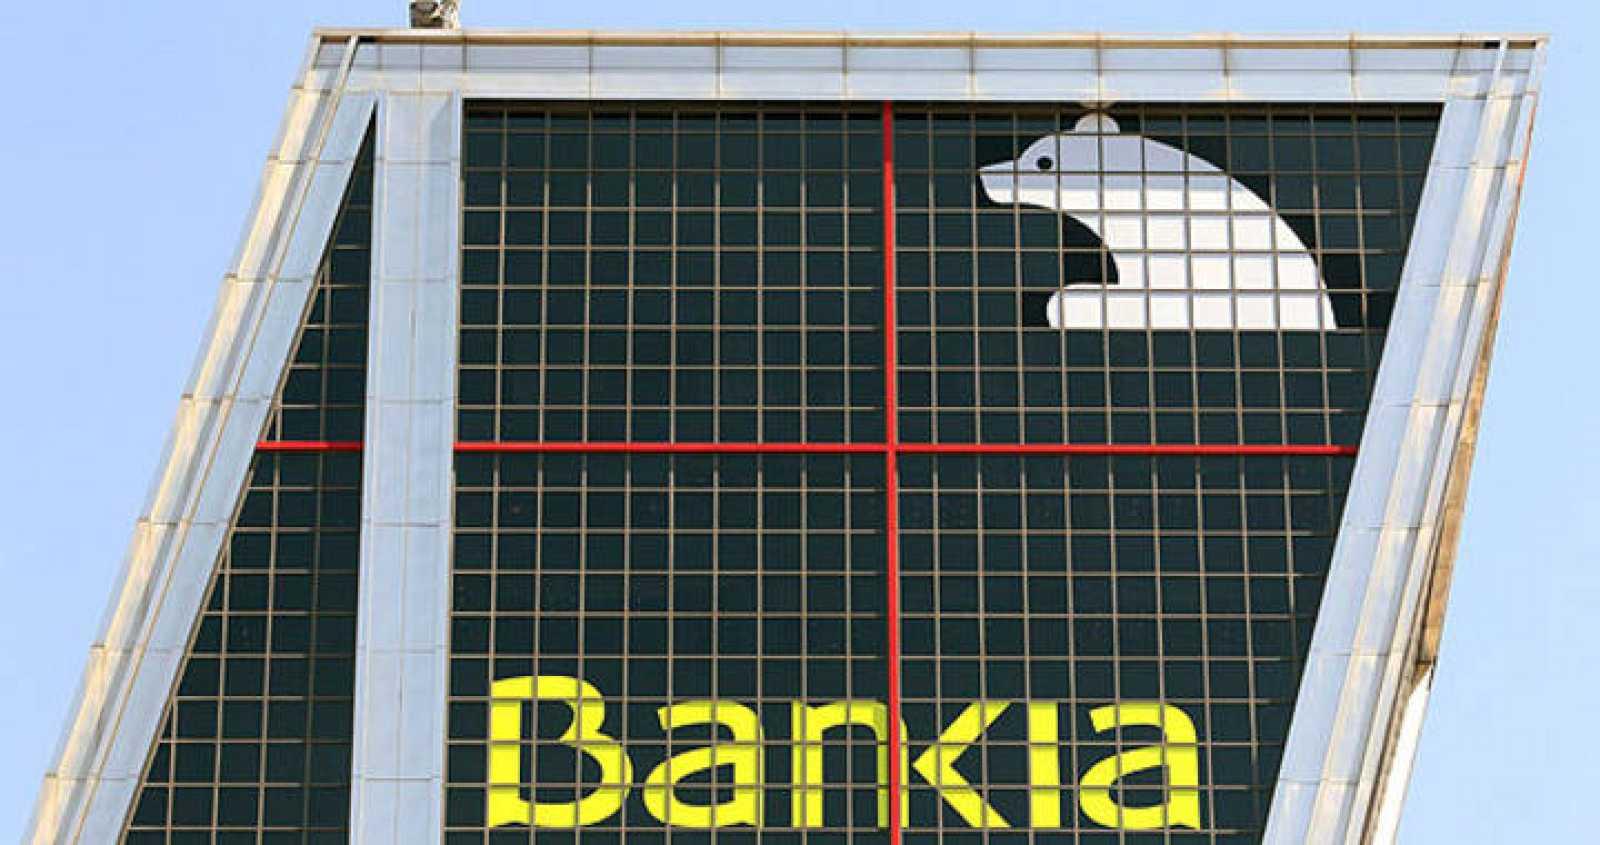 Bankia debutará en Bolsa  a un precio de 3,75 euros por acción